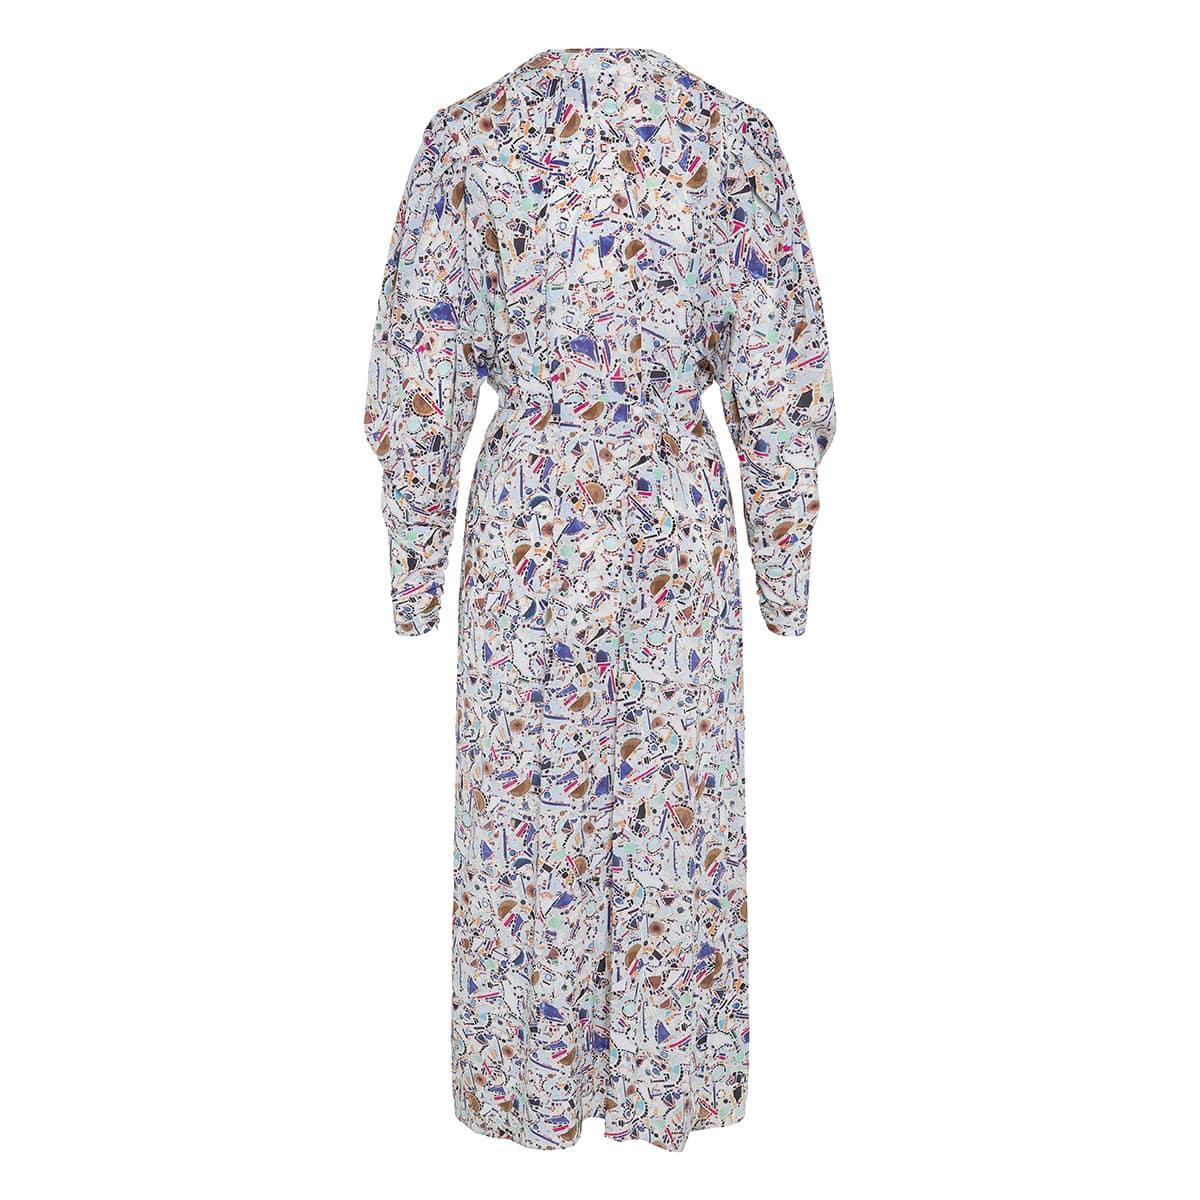 Blainea long printed dress